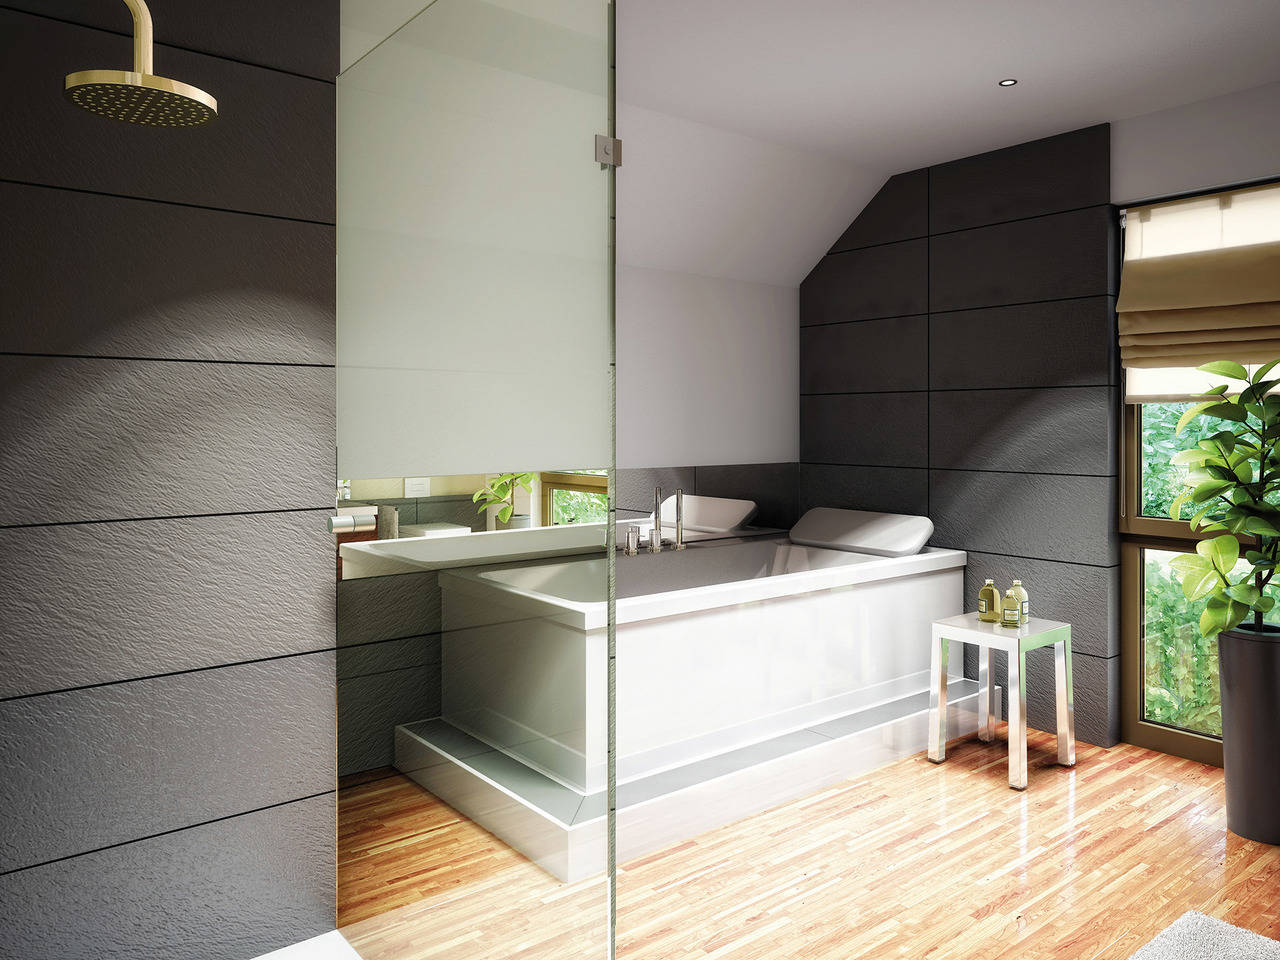 Haus Solution 124 V2 Badezimmer von Living Haus